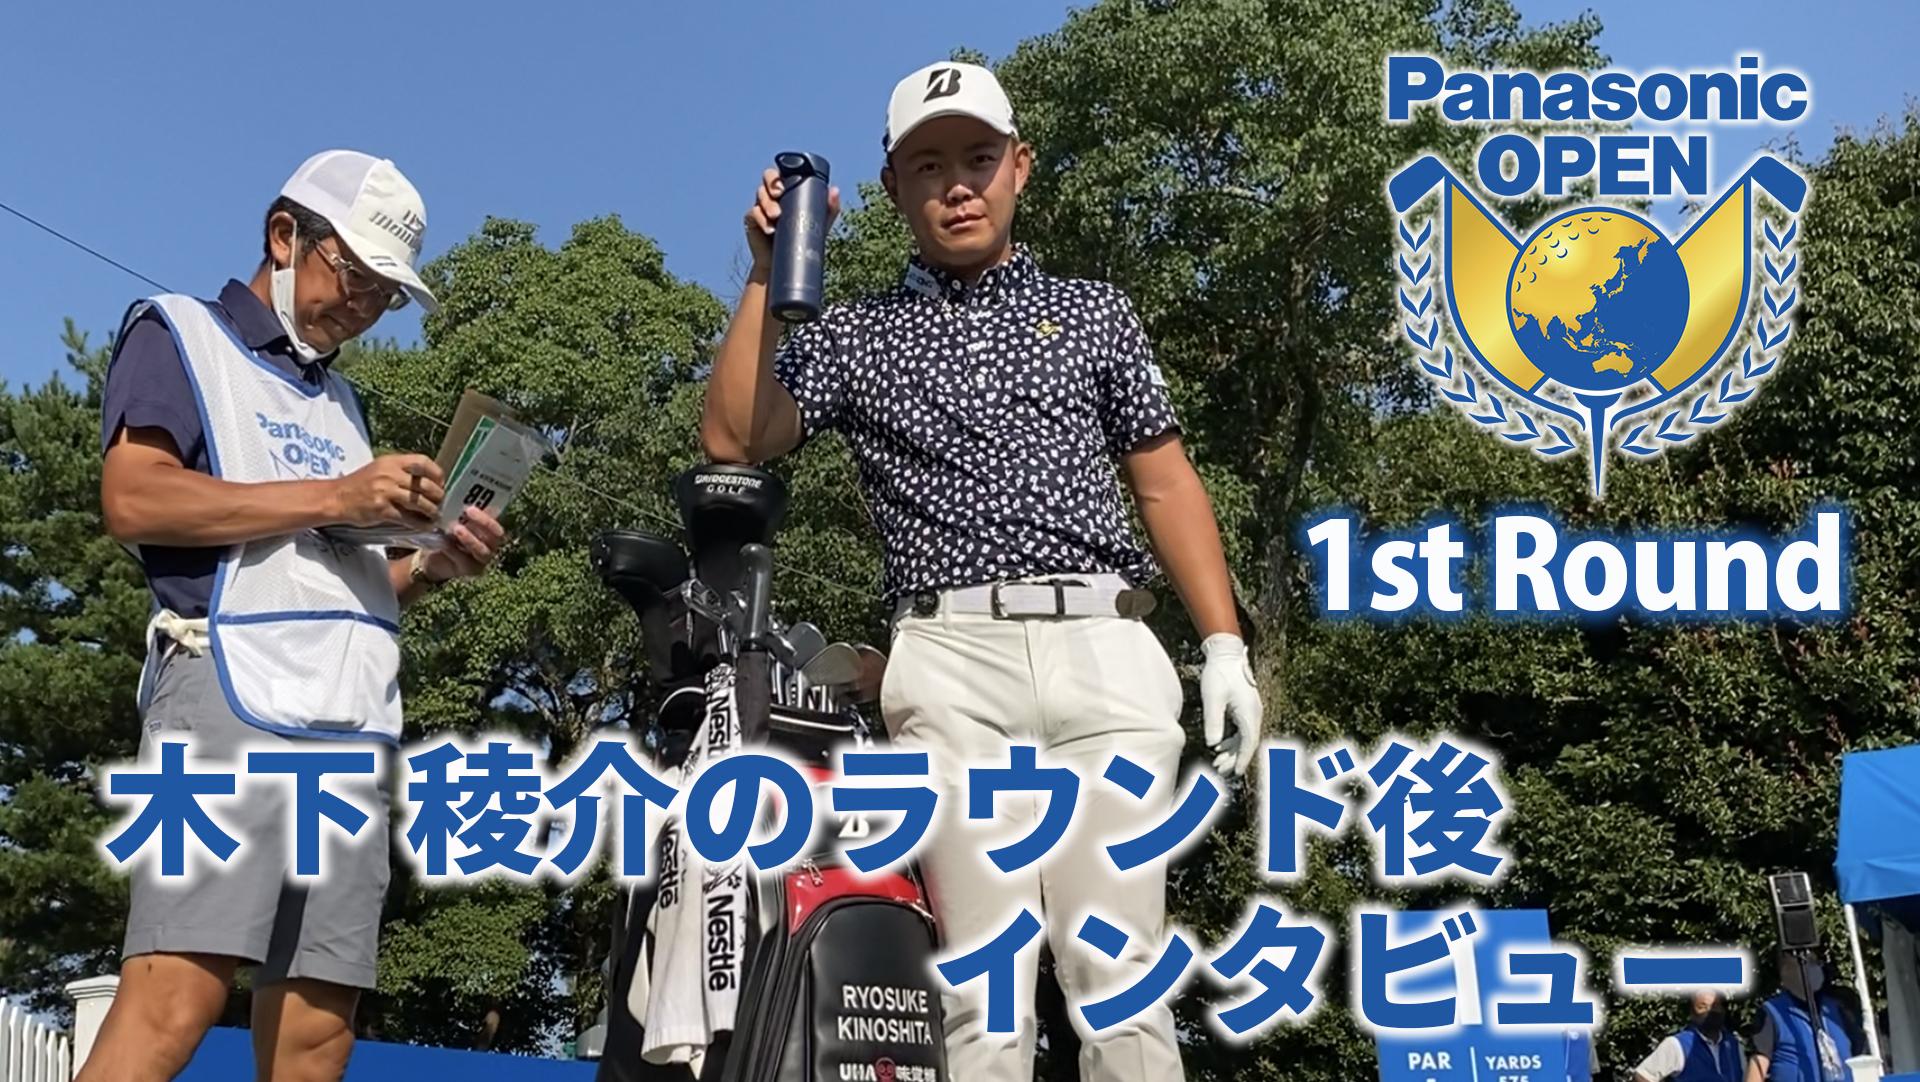 【男子ゴルフ】木下稜介が7アンダーで単独首位発進!パナソニックオープン ゴルフチャンピオンシップ 1st Round